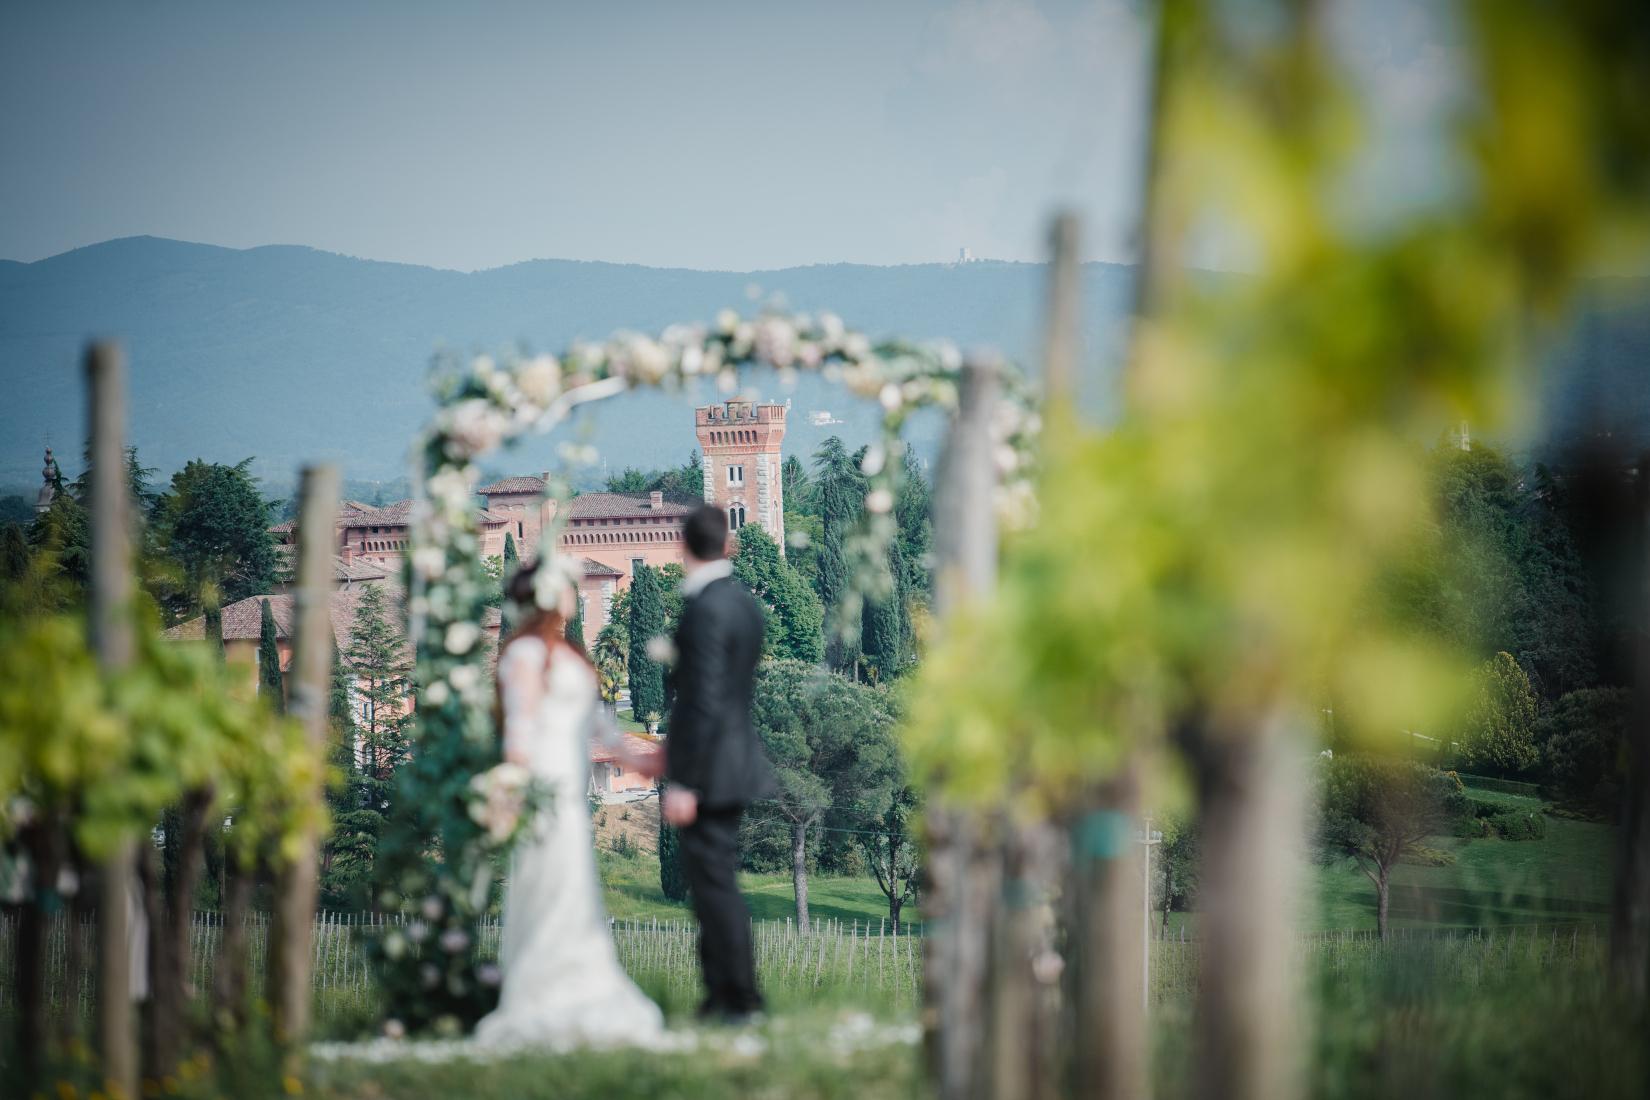 Un romantico servizio fotografico di due sposi tra le vigne